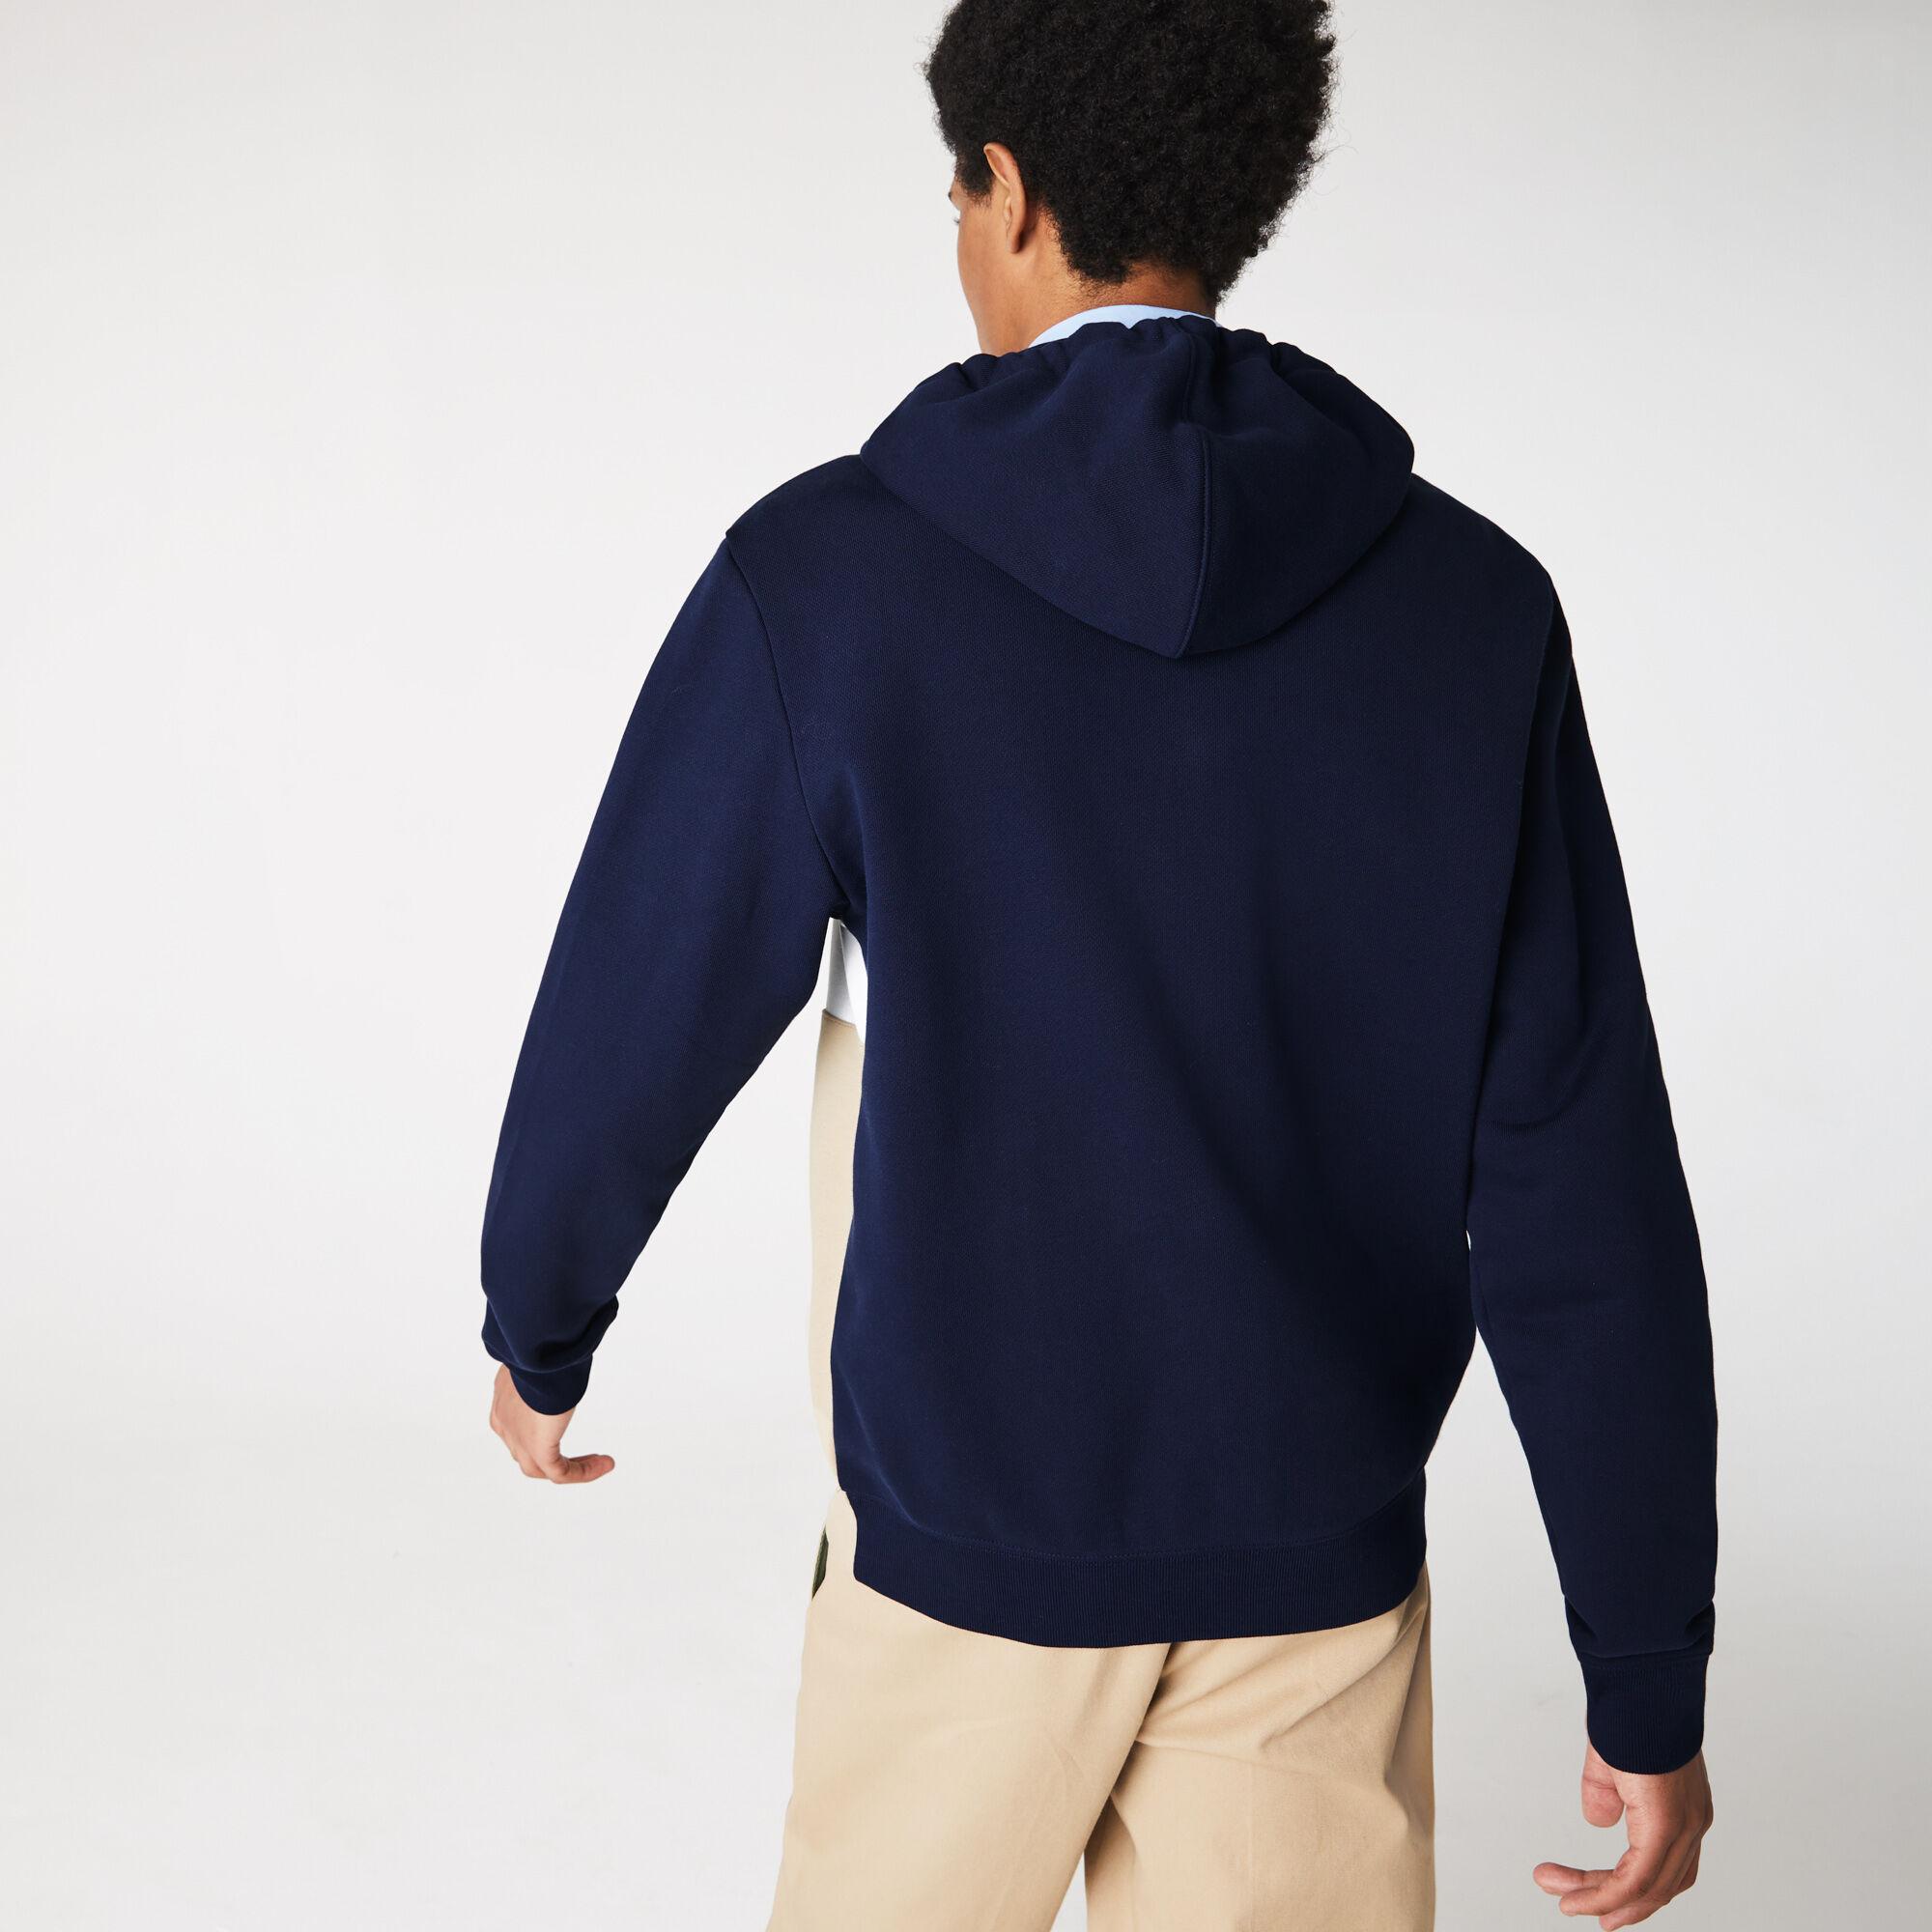 Men's Colourblock Fleece Zippered Hooded Sweatshirt